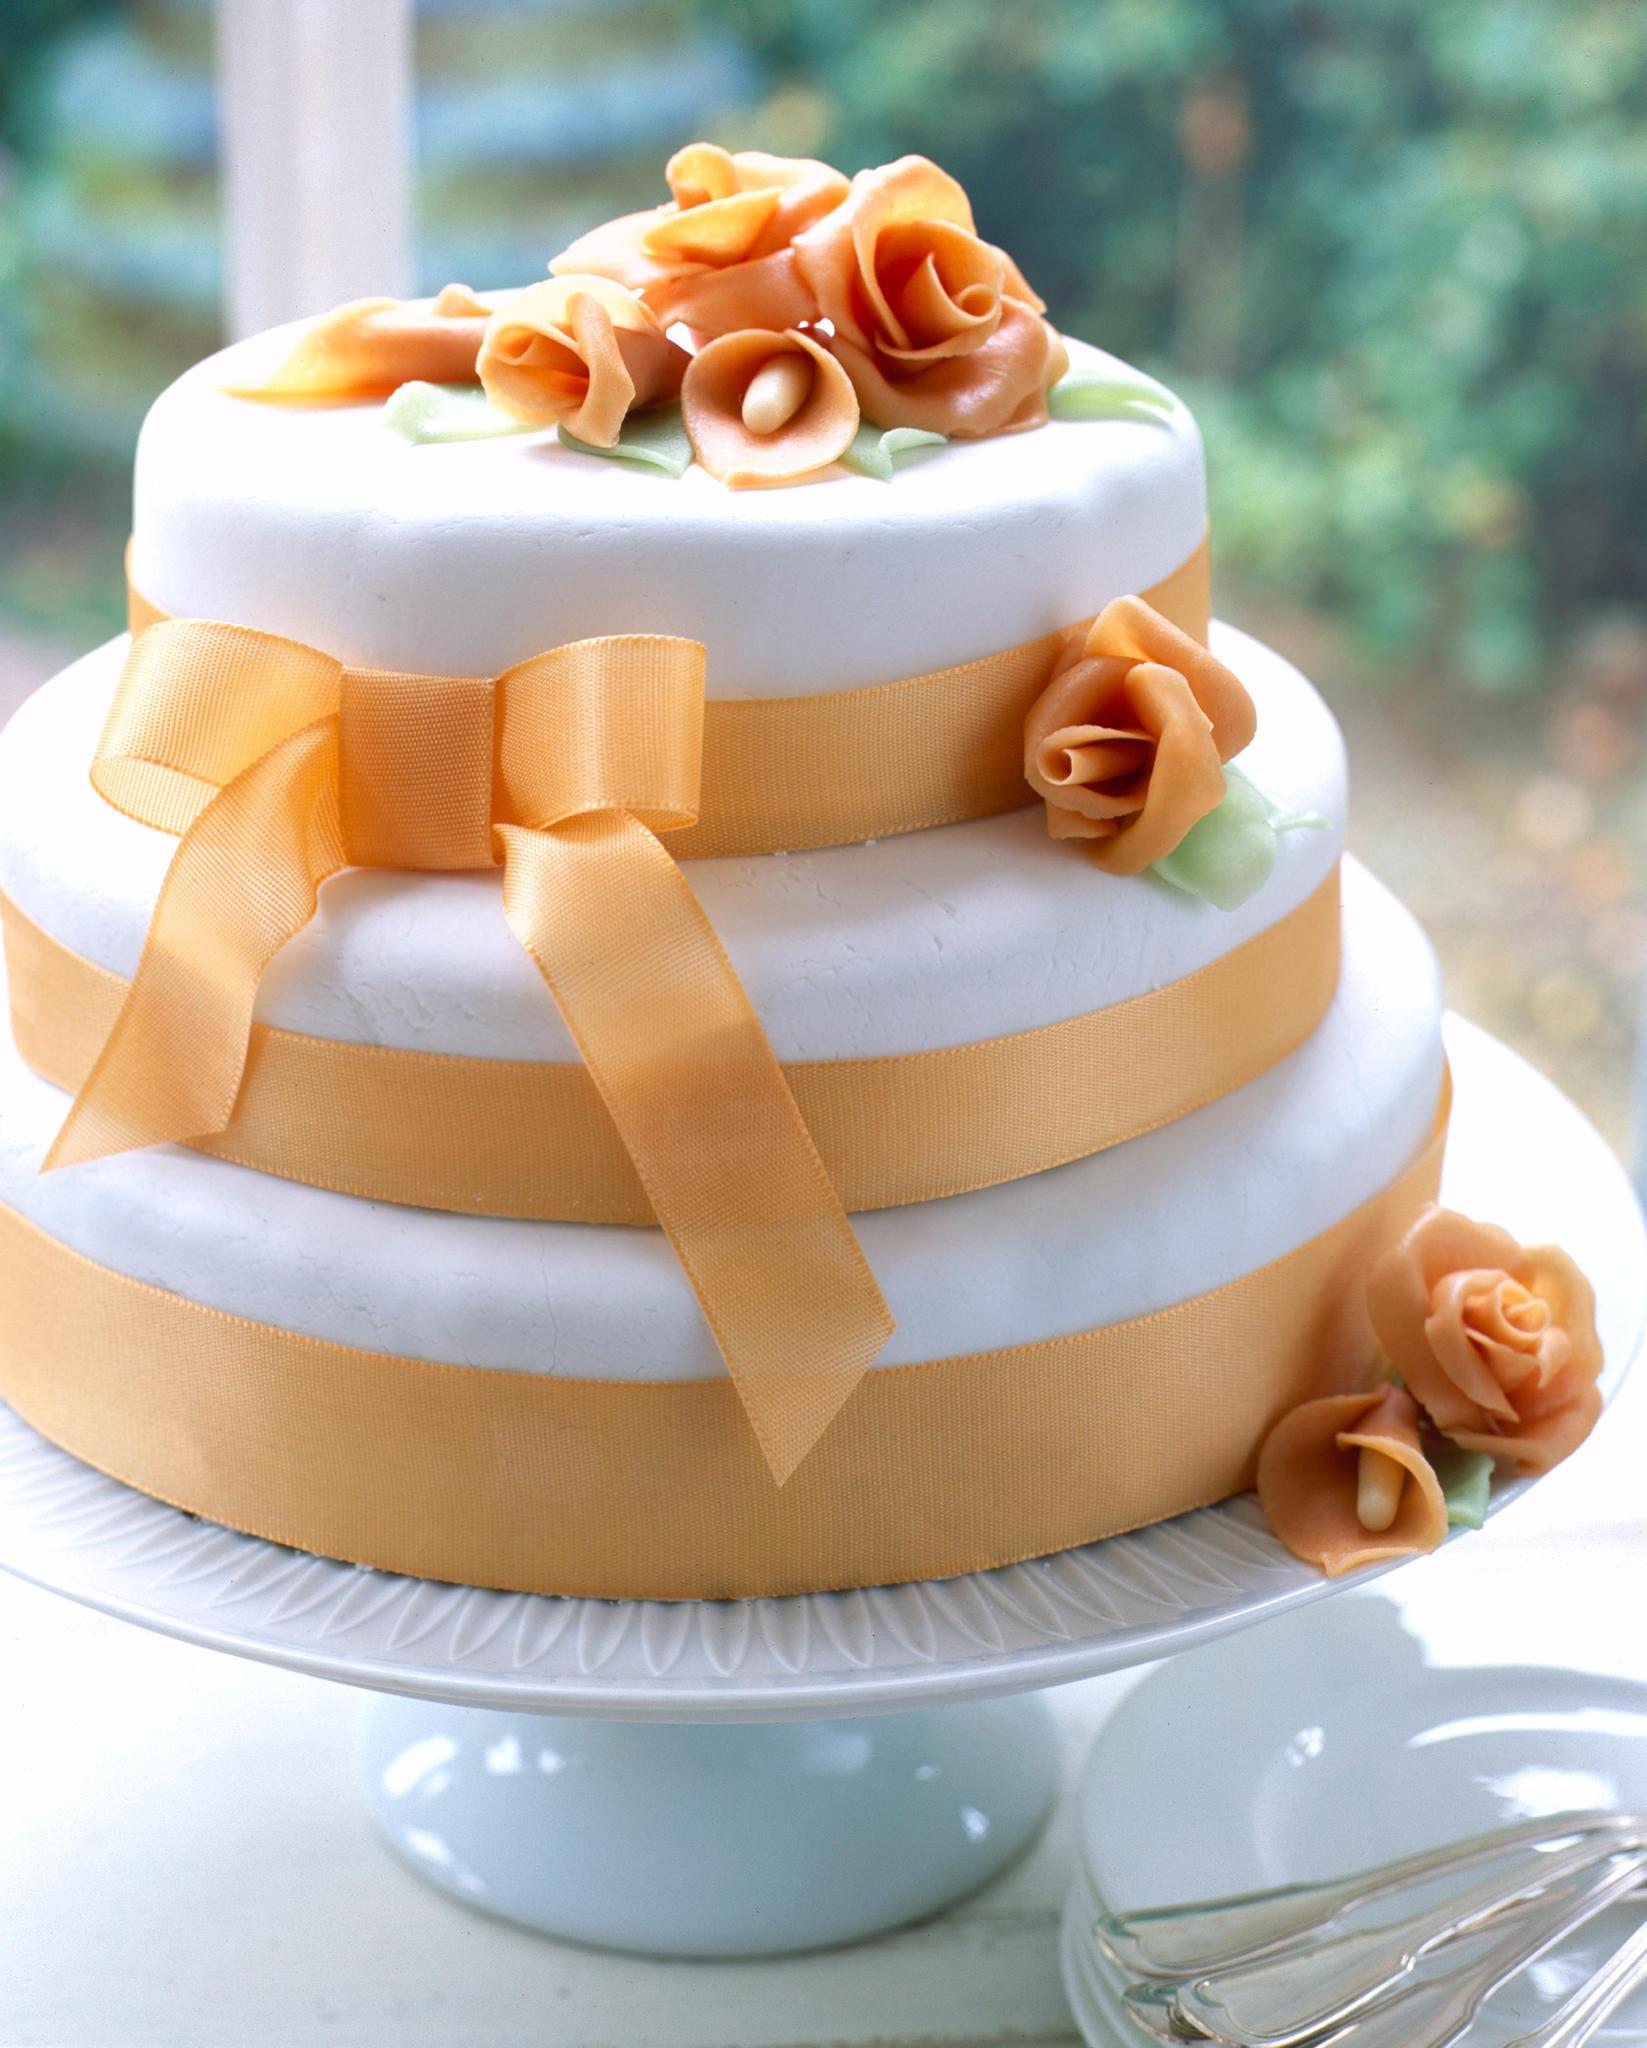 Hochzeitstorte selber backen - so geht's!